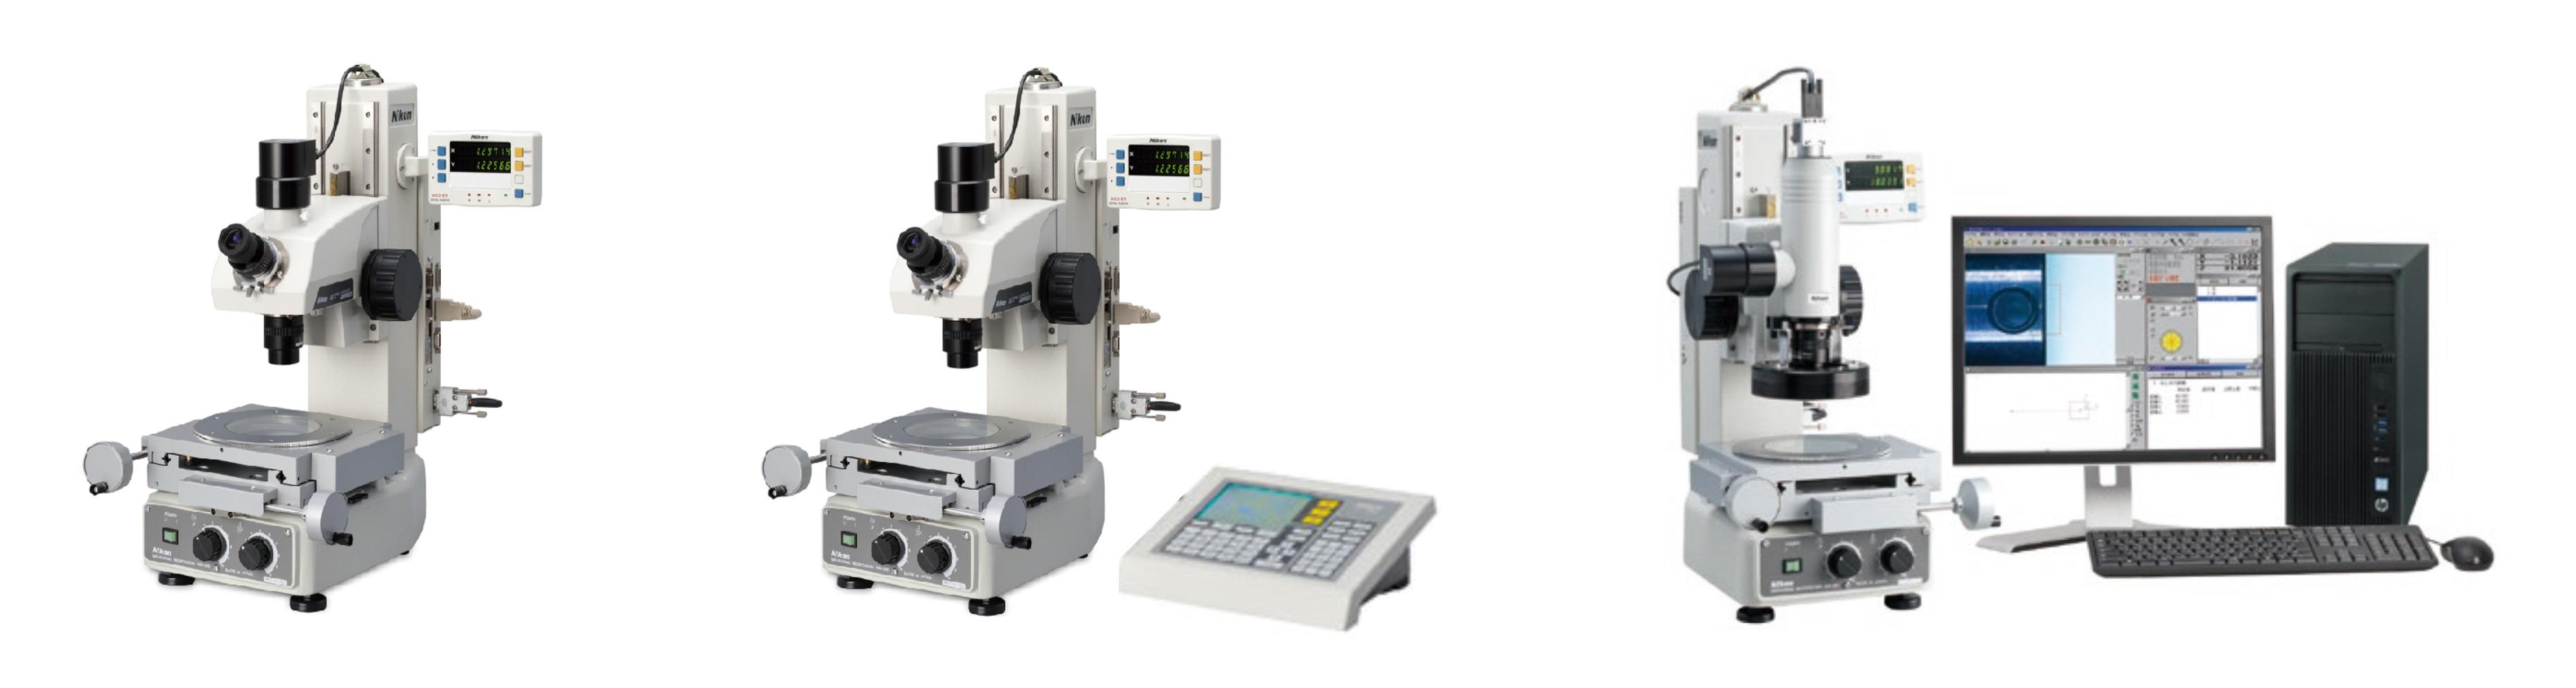 Измерительный микроскоп Nikon